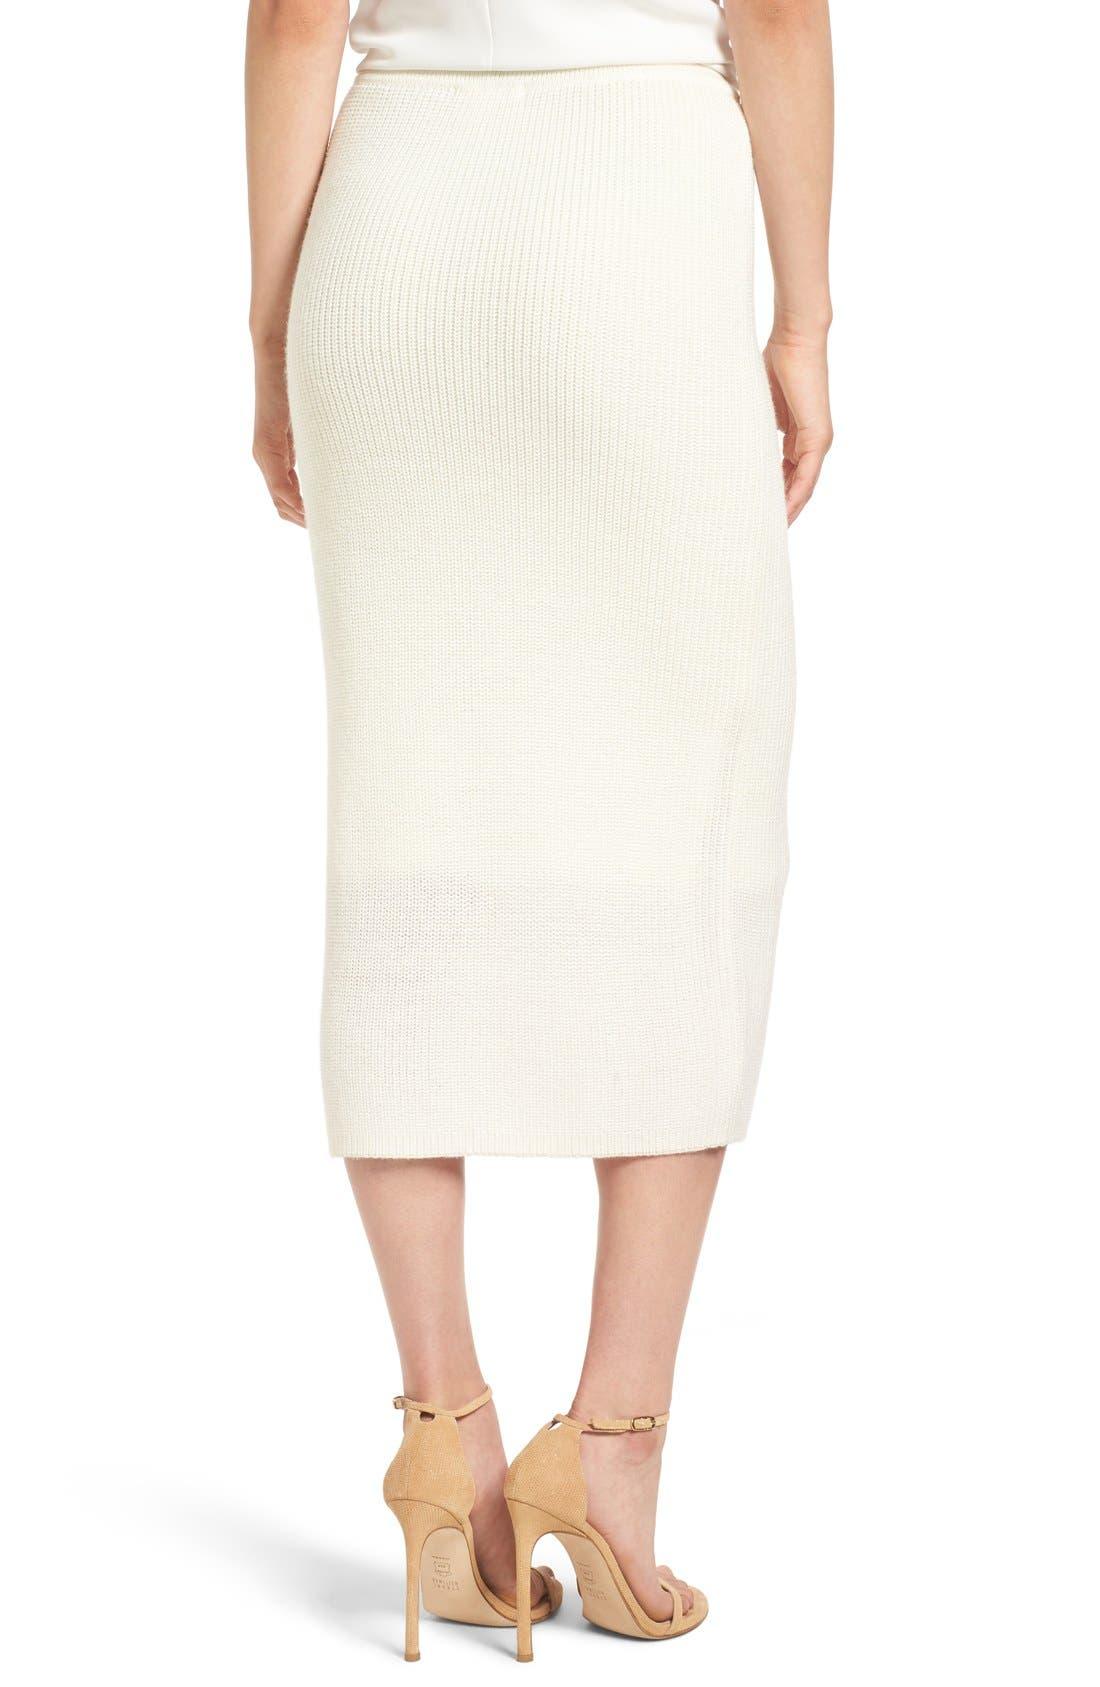 by Lauren Conrad 'Copenhagen' Knit Tube Skirt,                             Alternate thumbnail 5, color,                             100